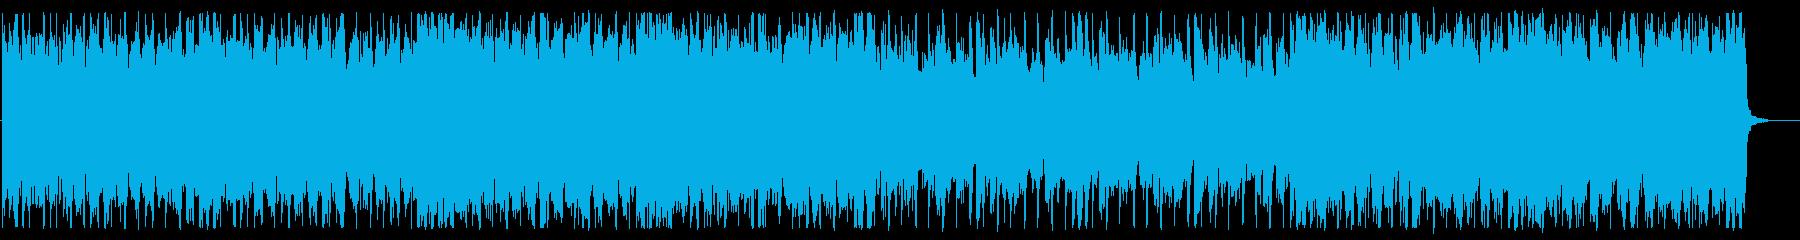 シンプル/ディスコ_No439_2の再生済みの波形